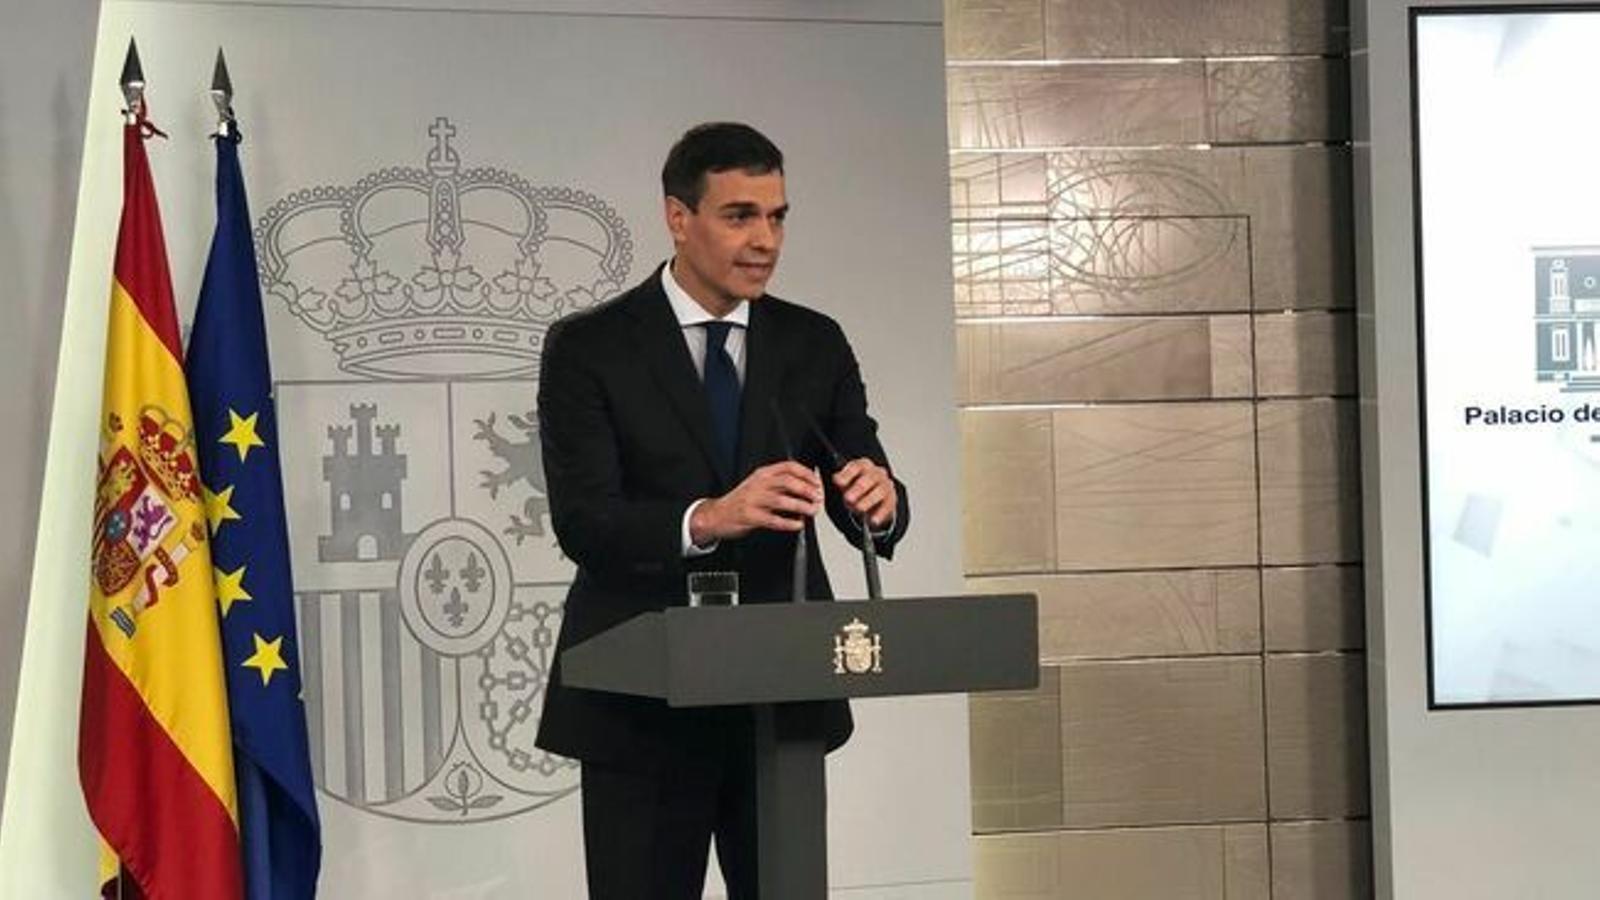 """La Moncloa avisa que """"garantirà la seguretat a Catalunya amb proporcionalitat, fermesa i unitat"""""""